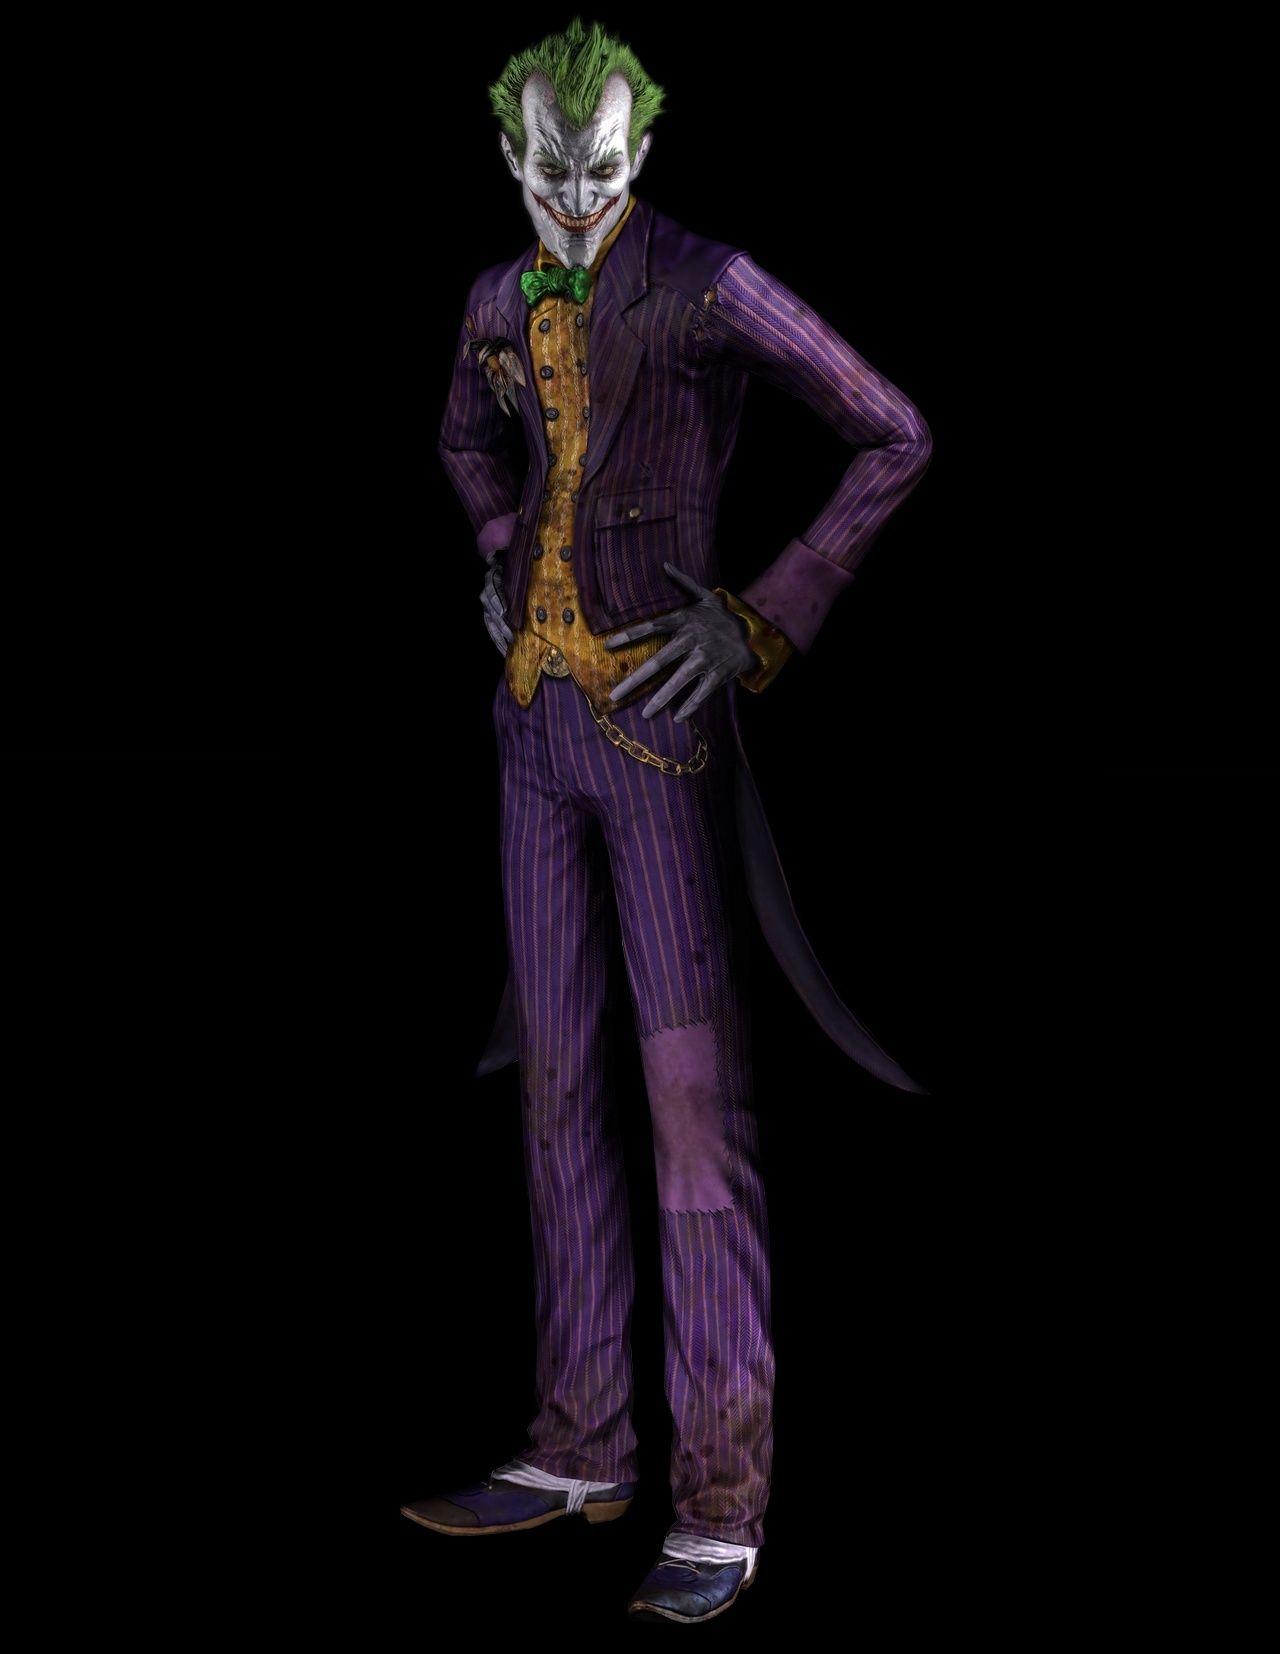 Batman Arkham Asylum: Joker DLC on Windows PC - YouTube